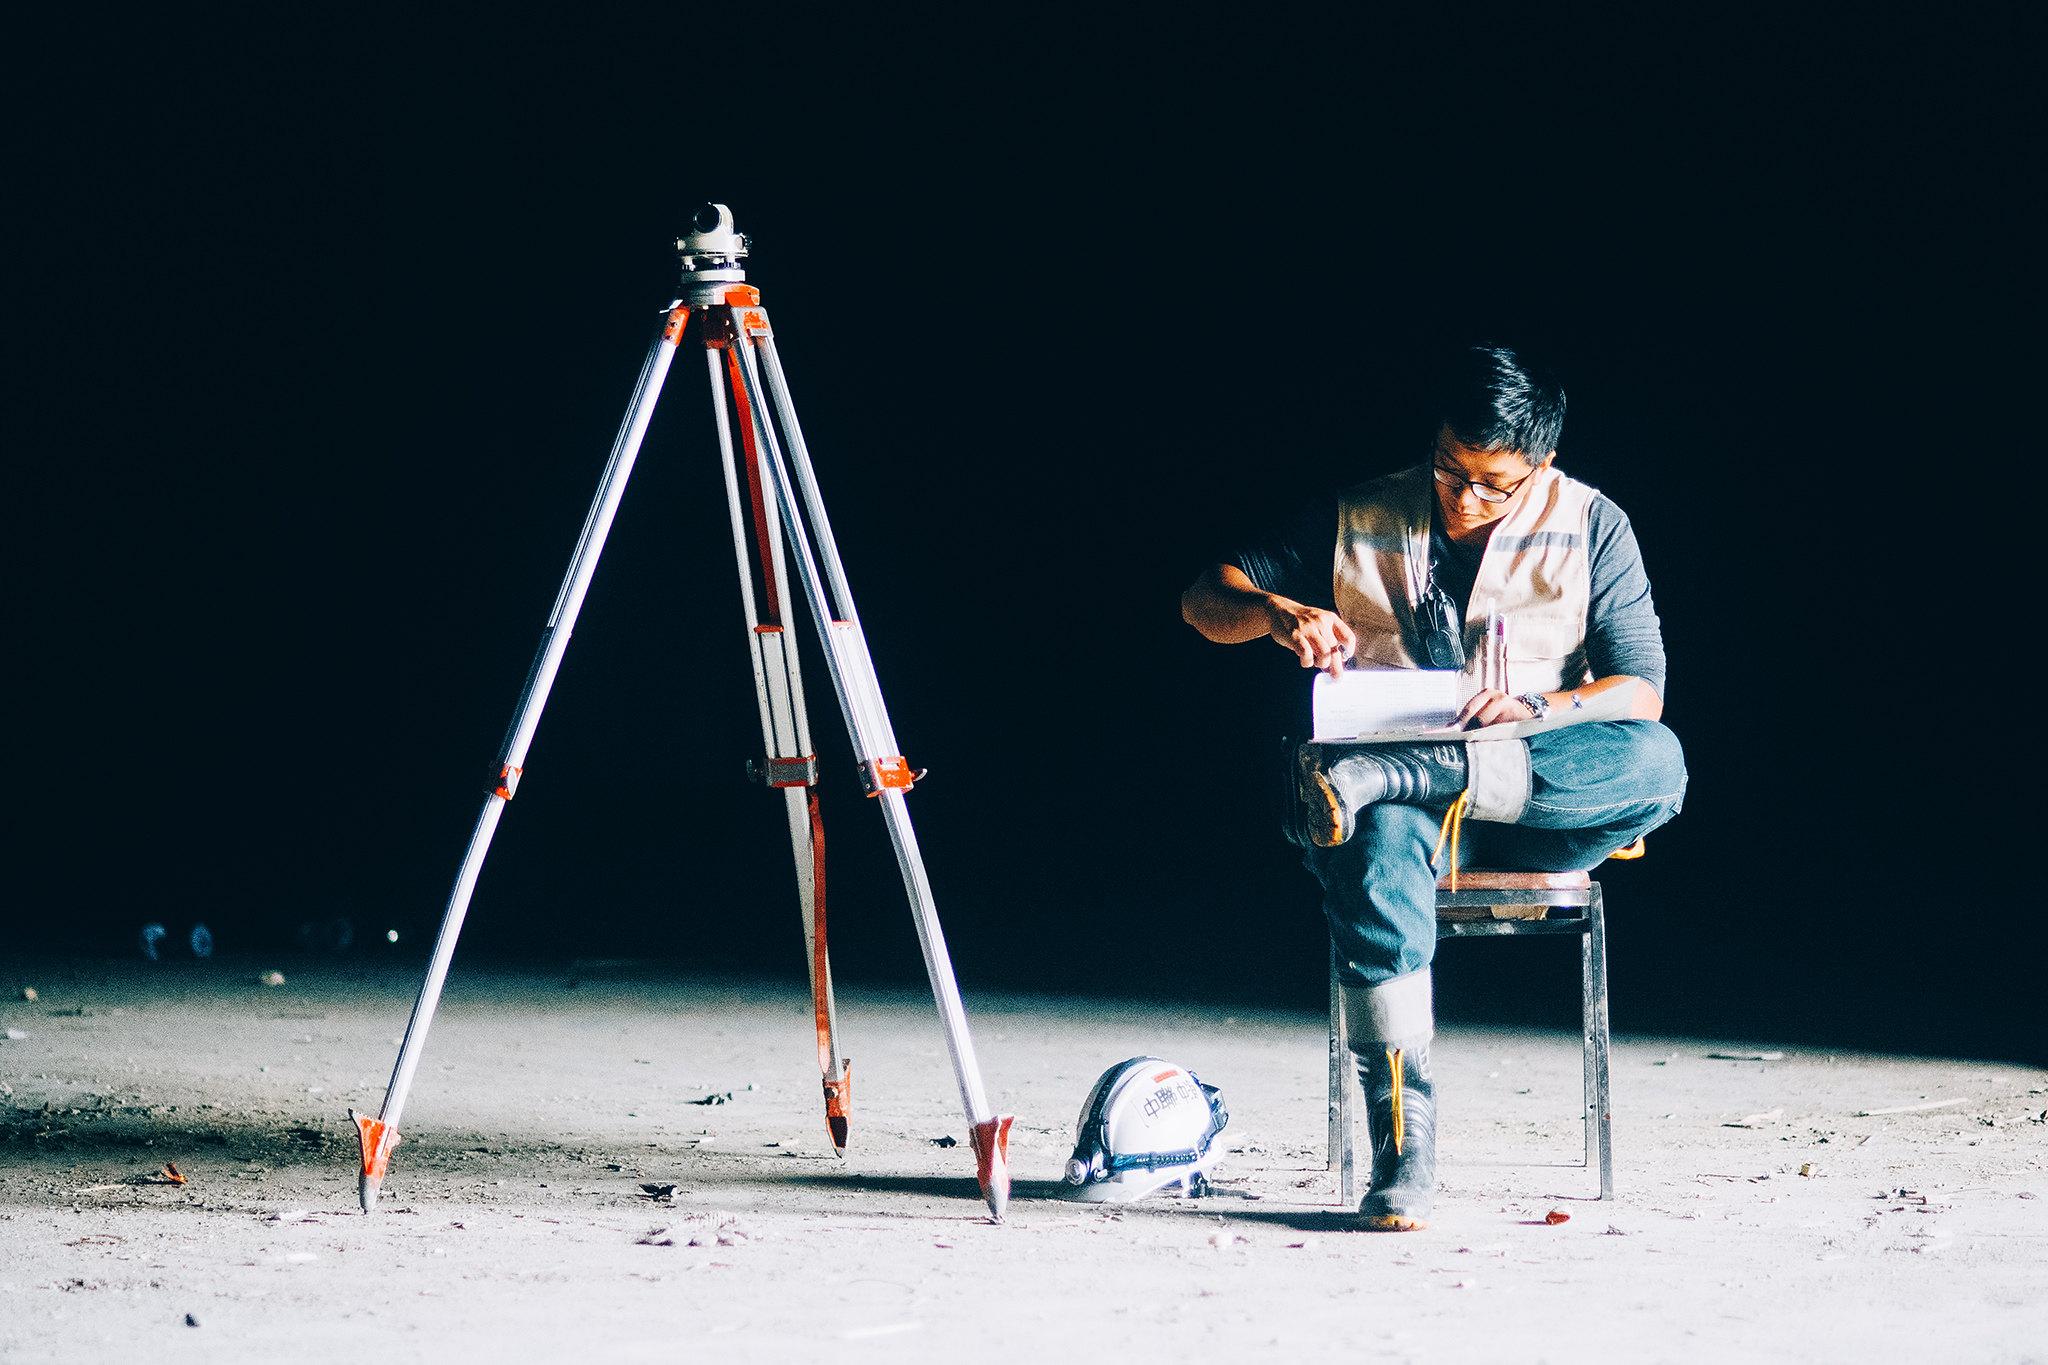 《做工的人》作者林立青。(圖片來源:寶瓶文化提供/攝影:賴小路)